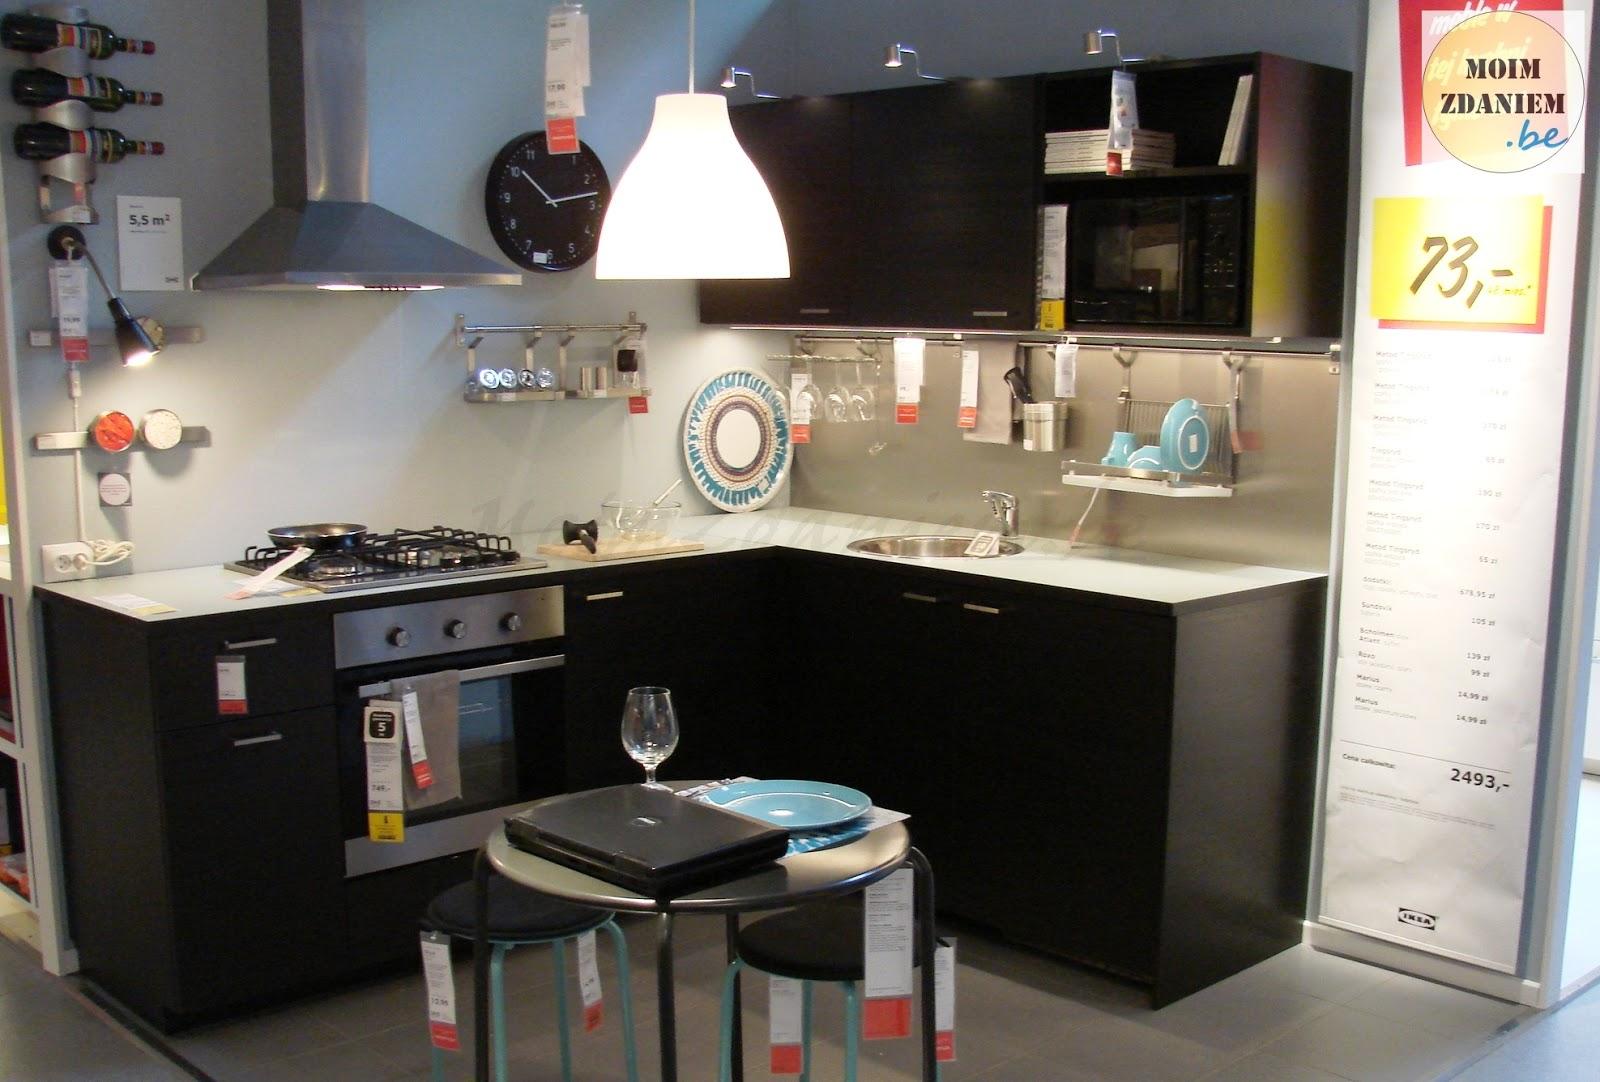 moim zdaniem Ikea, otwarcie przebudowanego działu kuchennego, nowości i insp   -> Kuchnia Ikea Tania